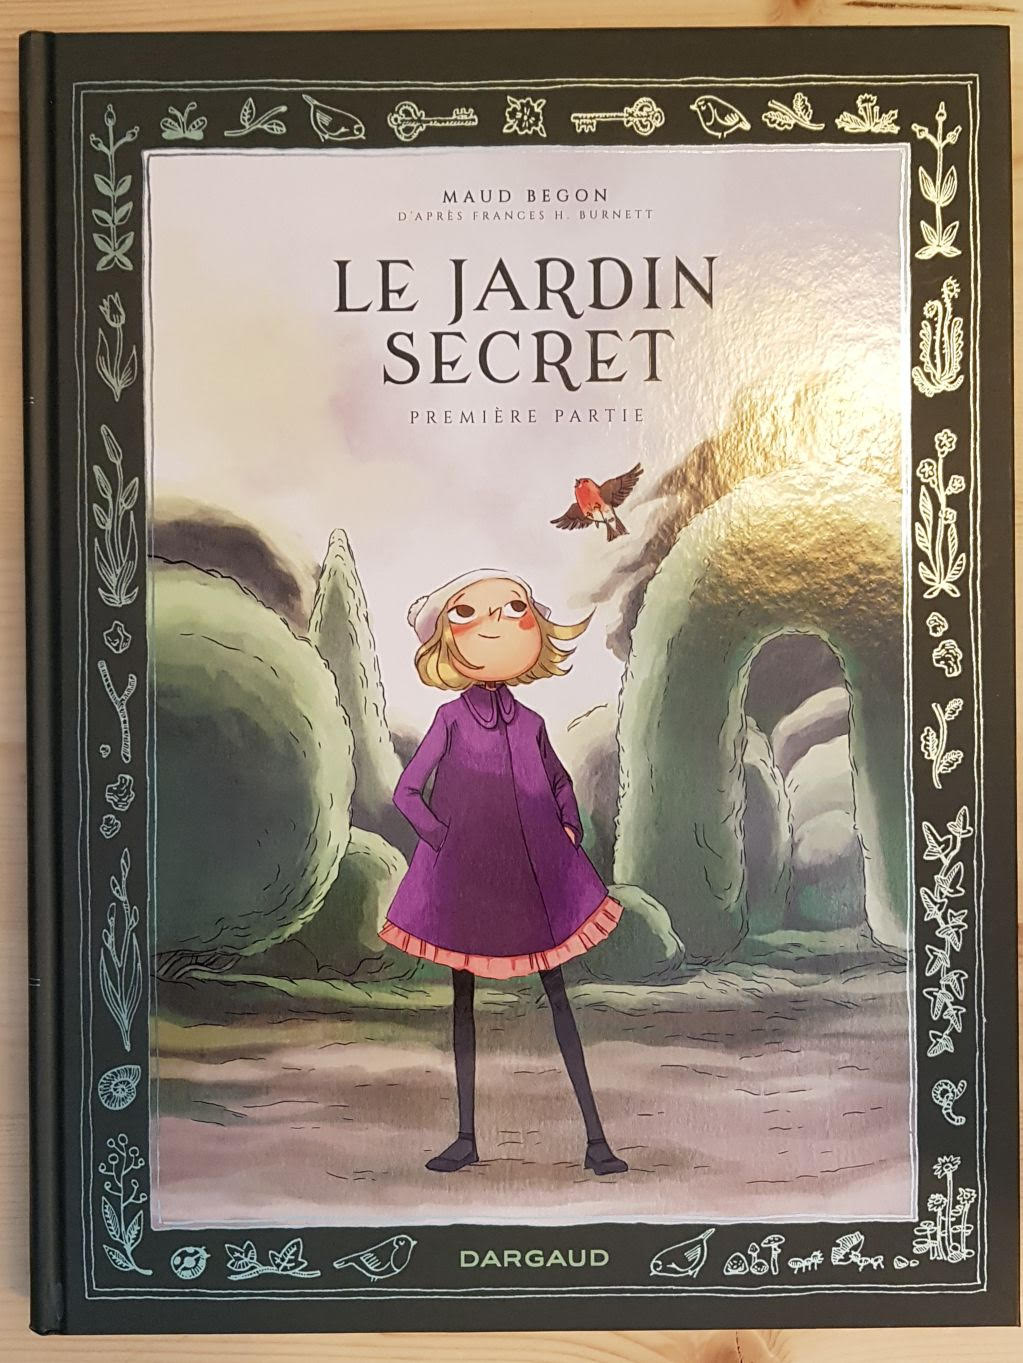 Le jardin secret Librairie La Librai'bulles